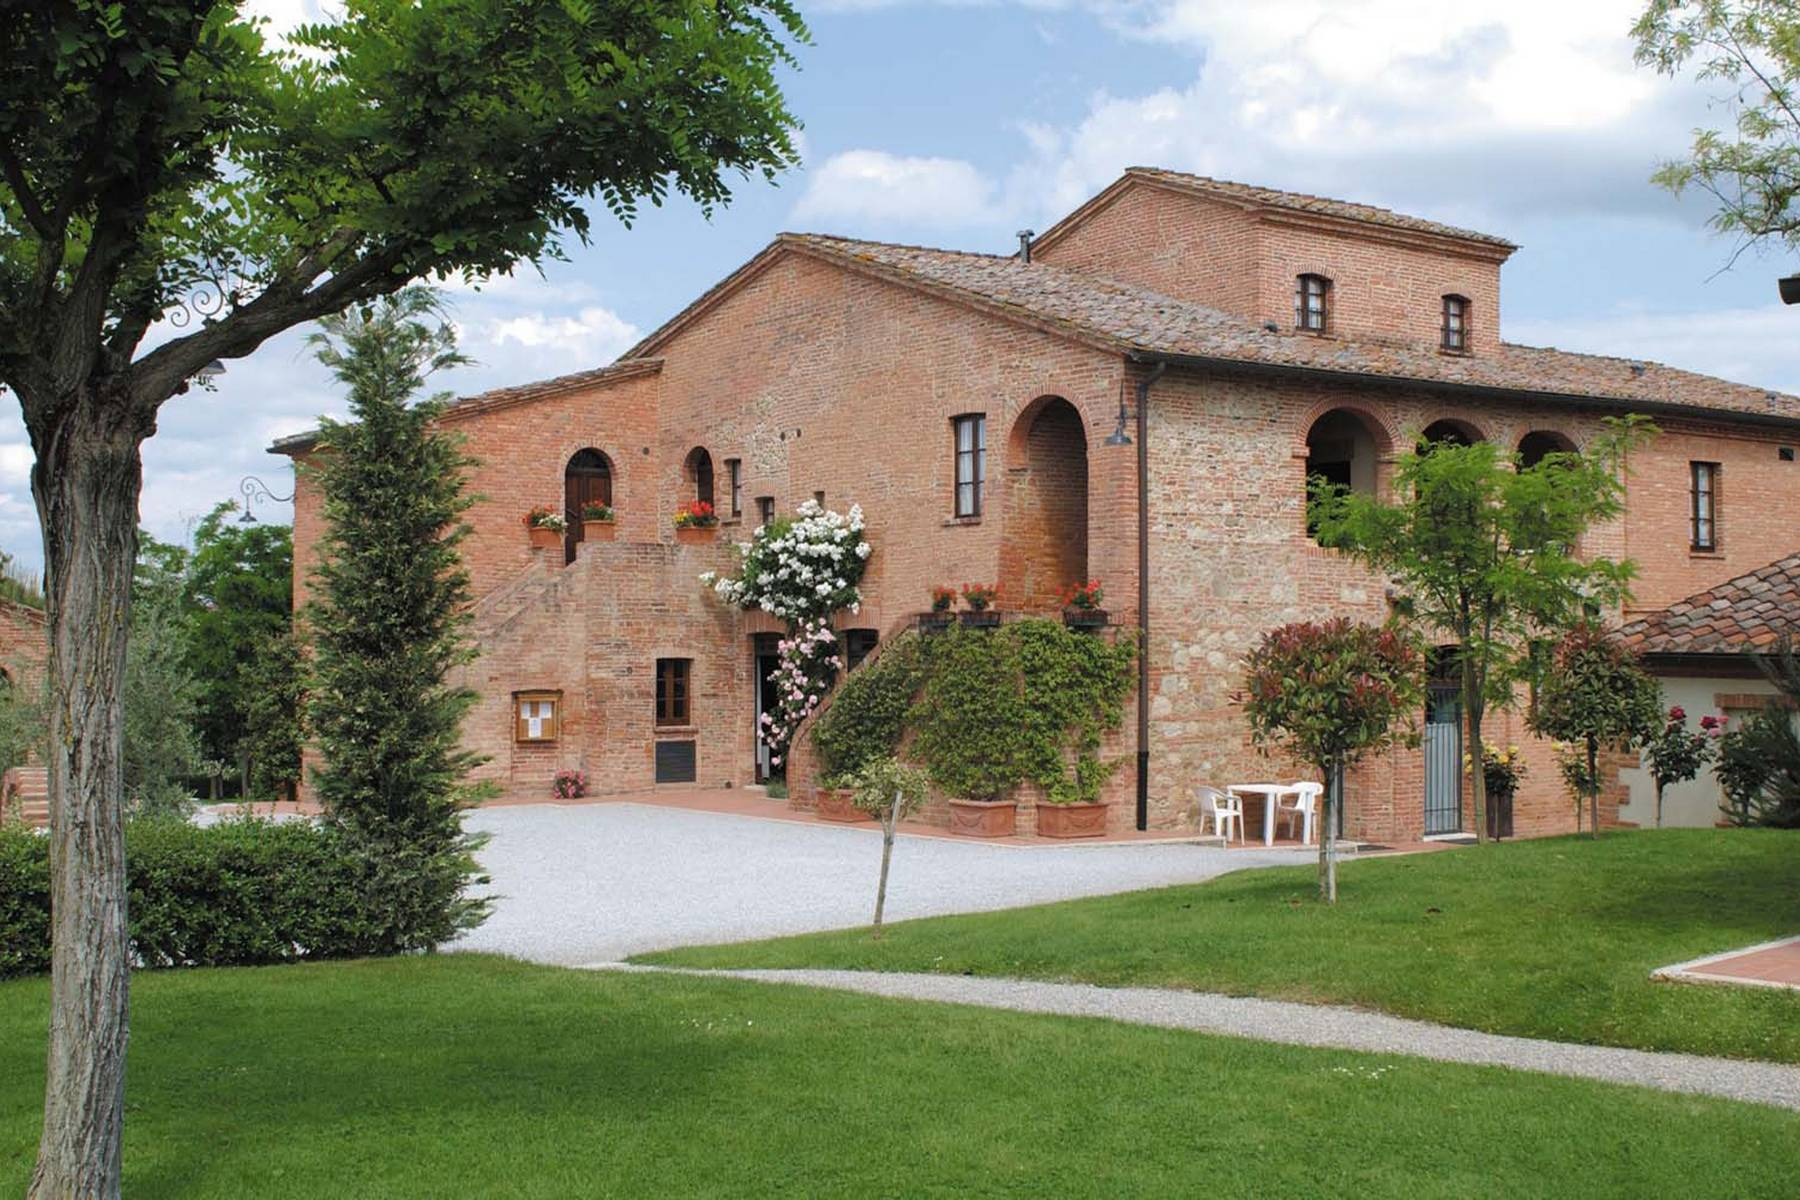 Rustico in Vendita a Montepulciano: 5 locali, 1890 mq - Foto 19